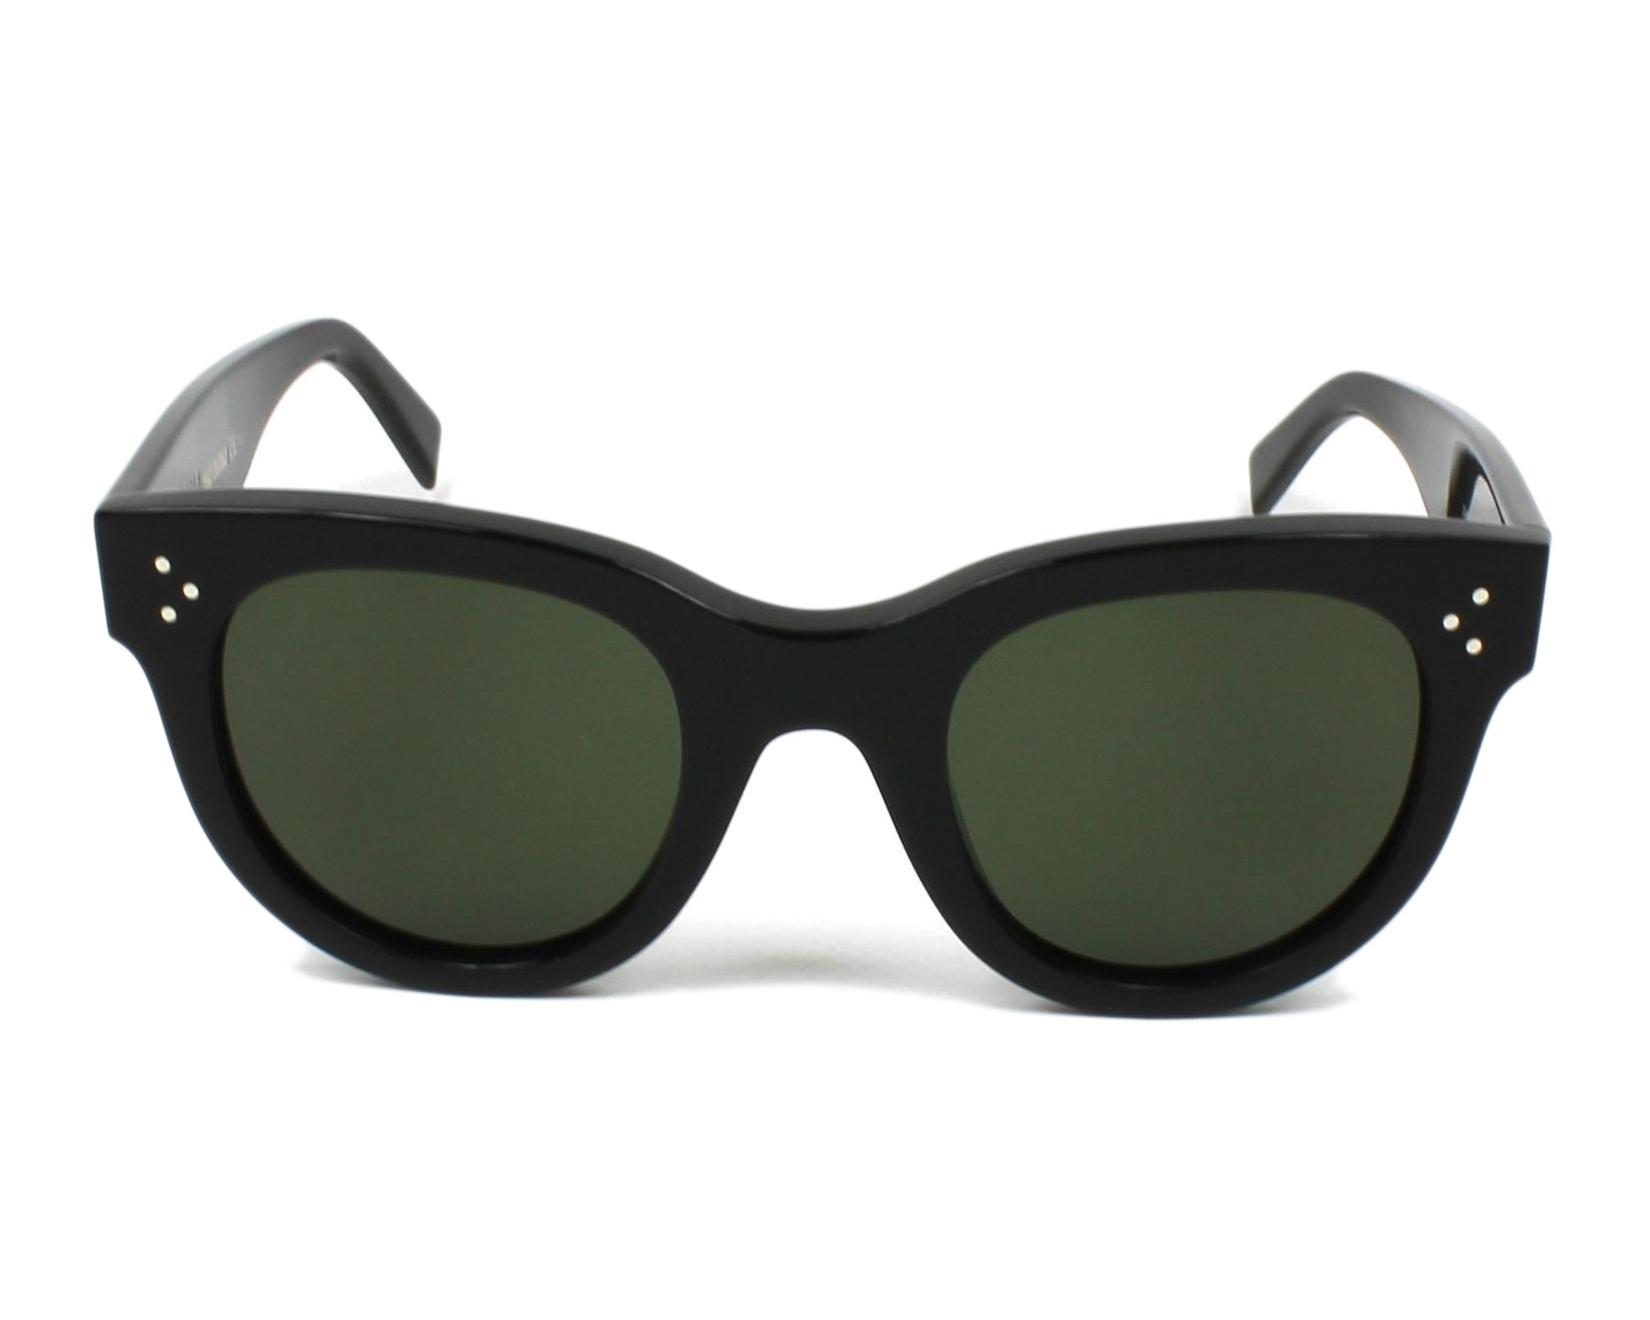 96ad7b9901 thumbnail Sunglasses Céline CL-41053-S 807 1E - Black front view